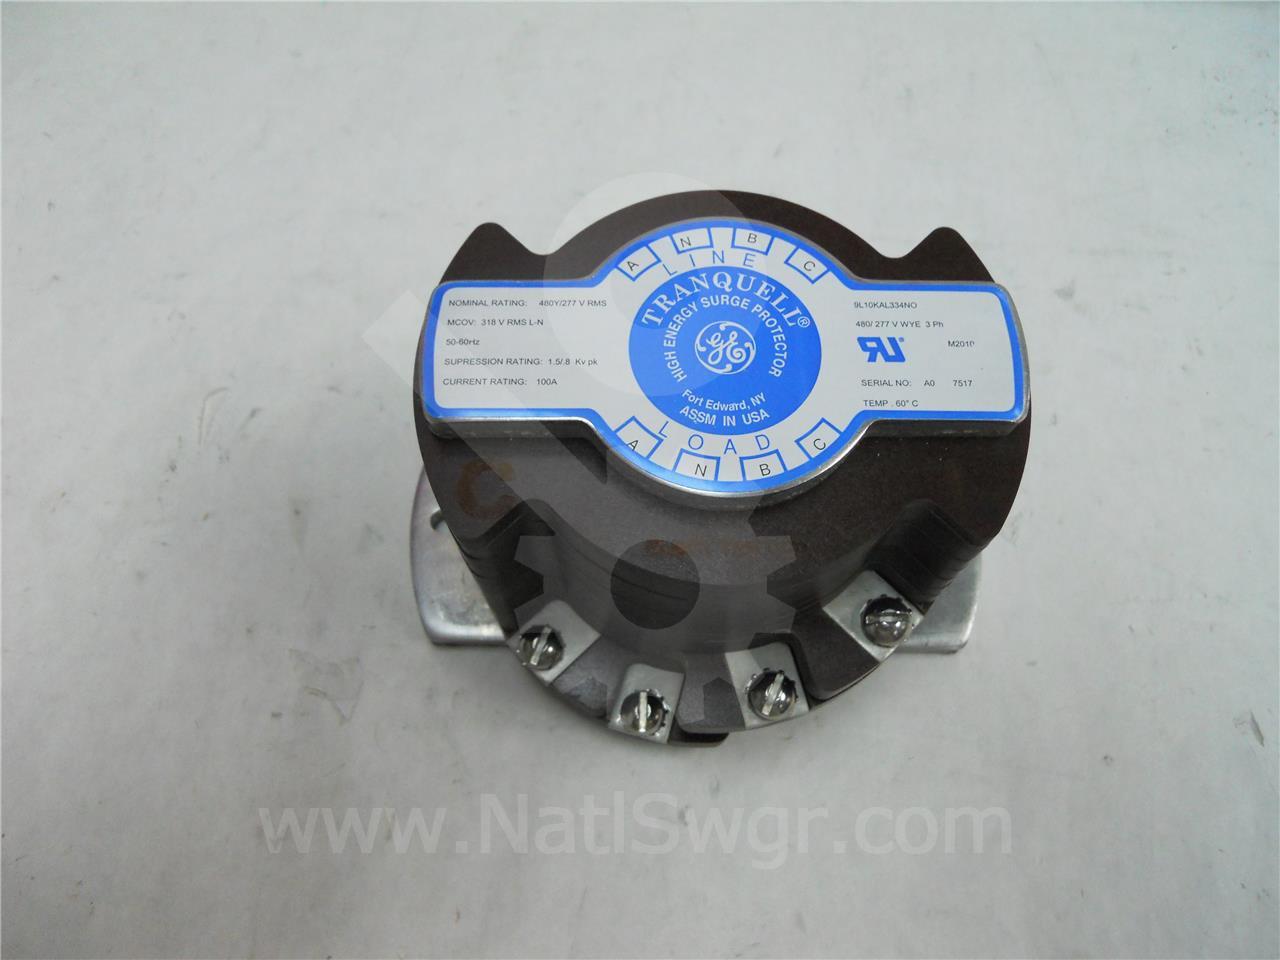 9L10KAL334NO GE / General Electric 480V TRANQUELL HIGH ENERGY SURGE / General Electric ARRESTOR 318V MCOV